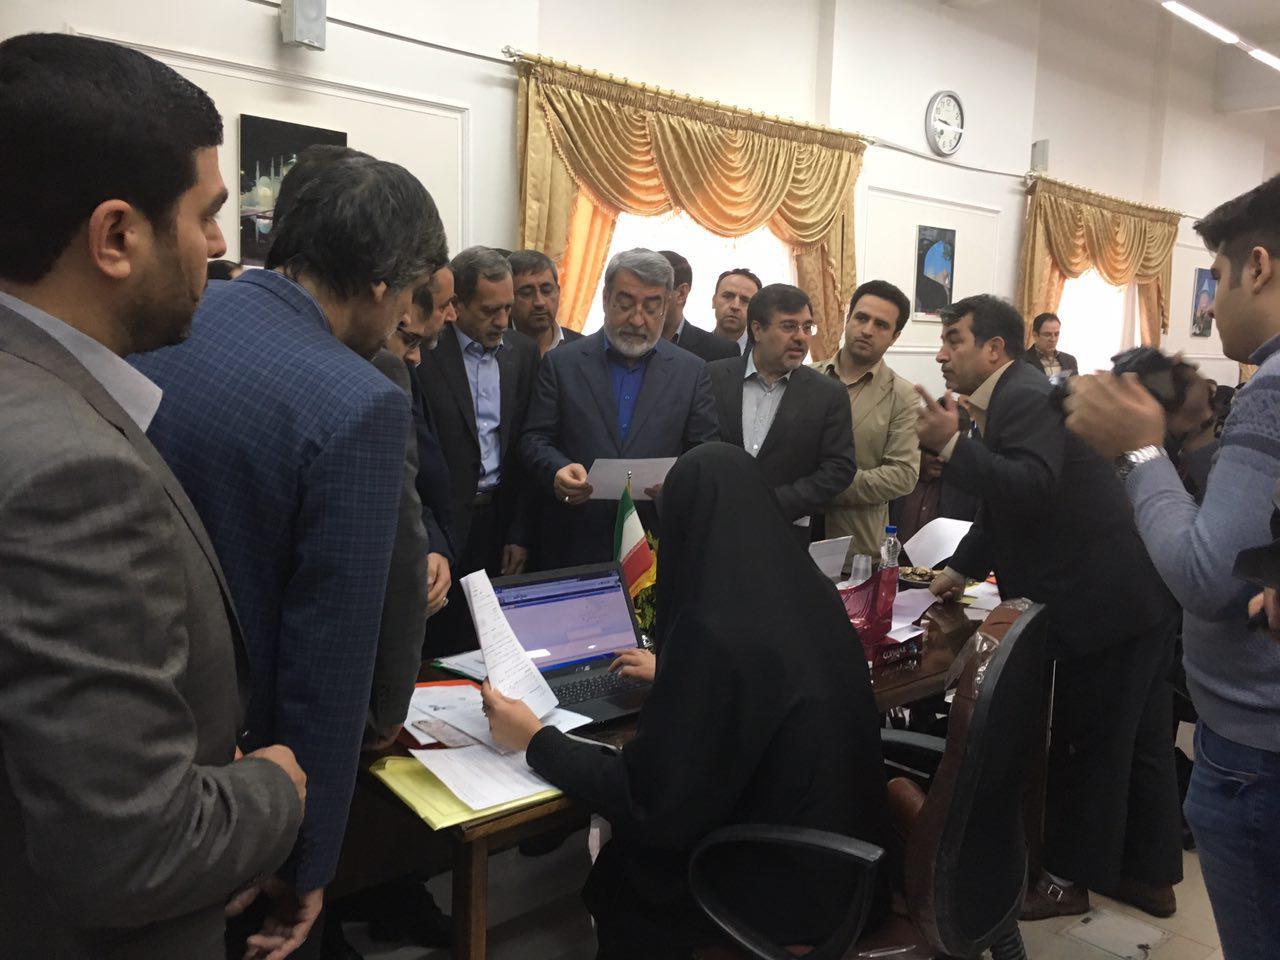 زنگ انتخابات با حضور وزیر کشور در قزوین نواخته شد